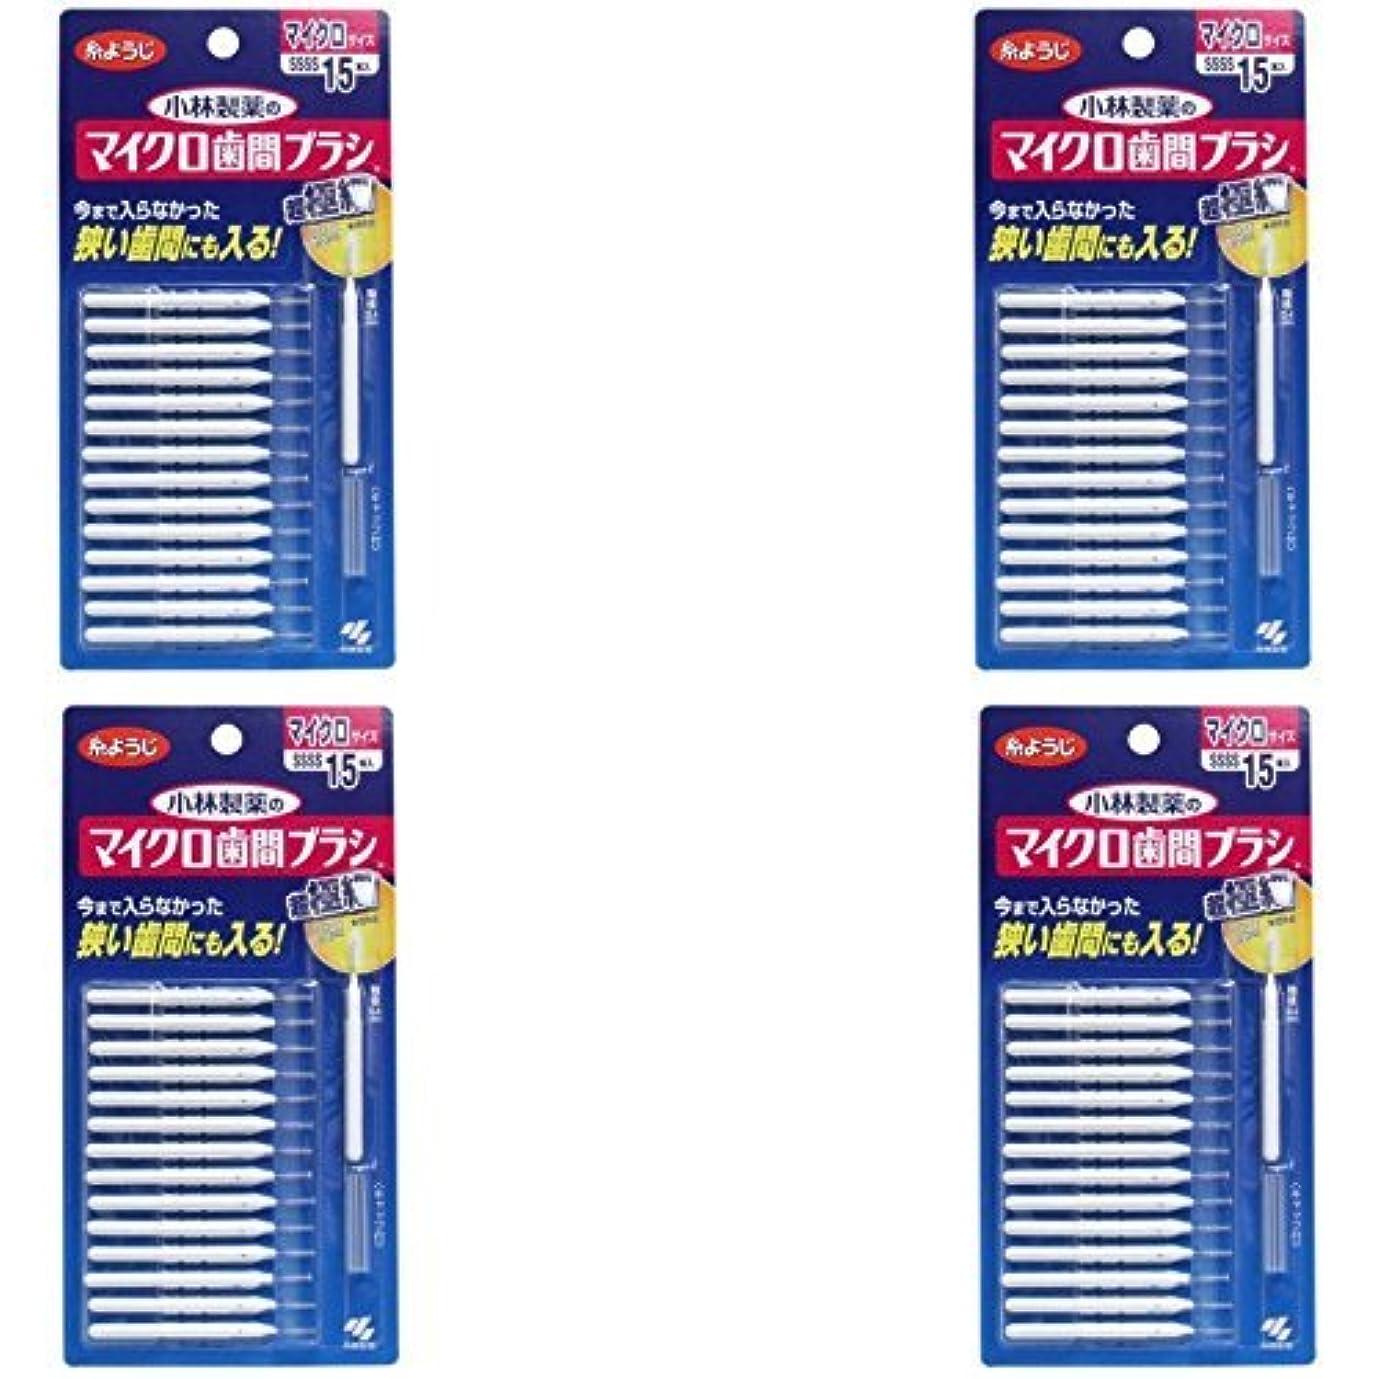 【まとめ買い】小林製薬のマイクロ歯間ブラシI字型 超極細タイプ SSSS 15本【×4個】